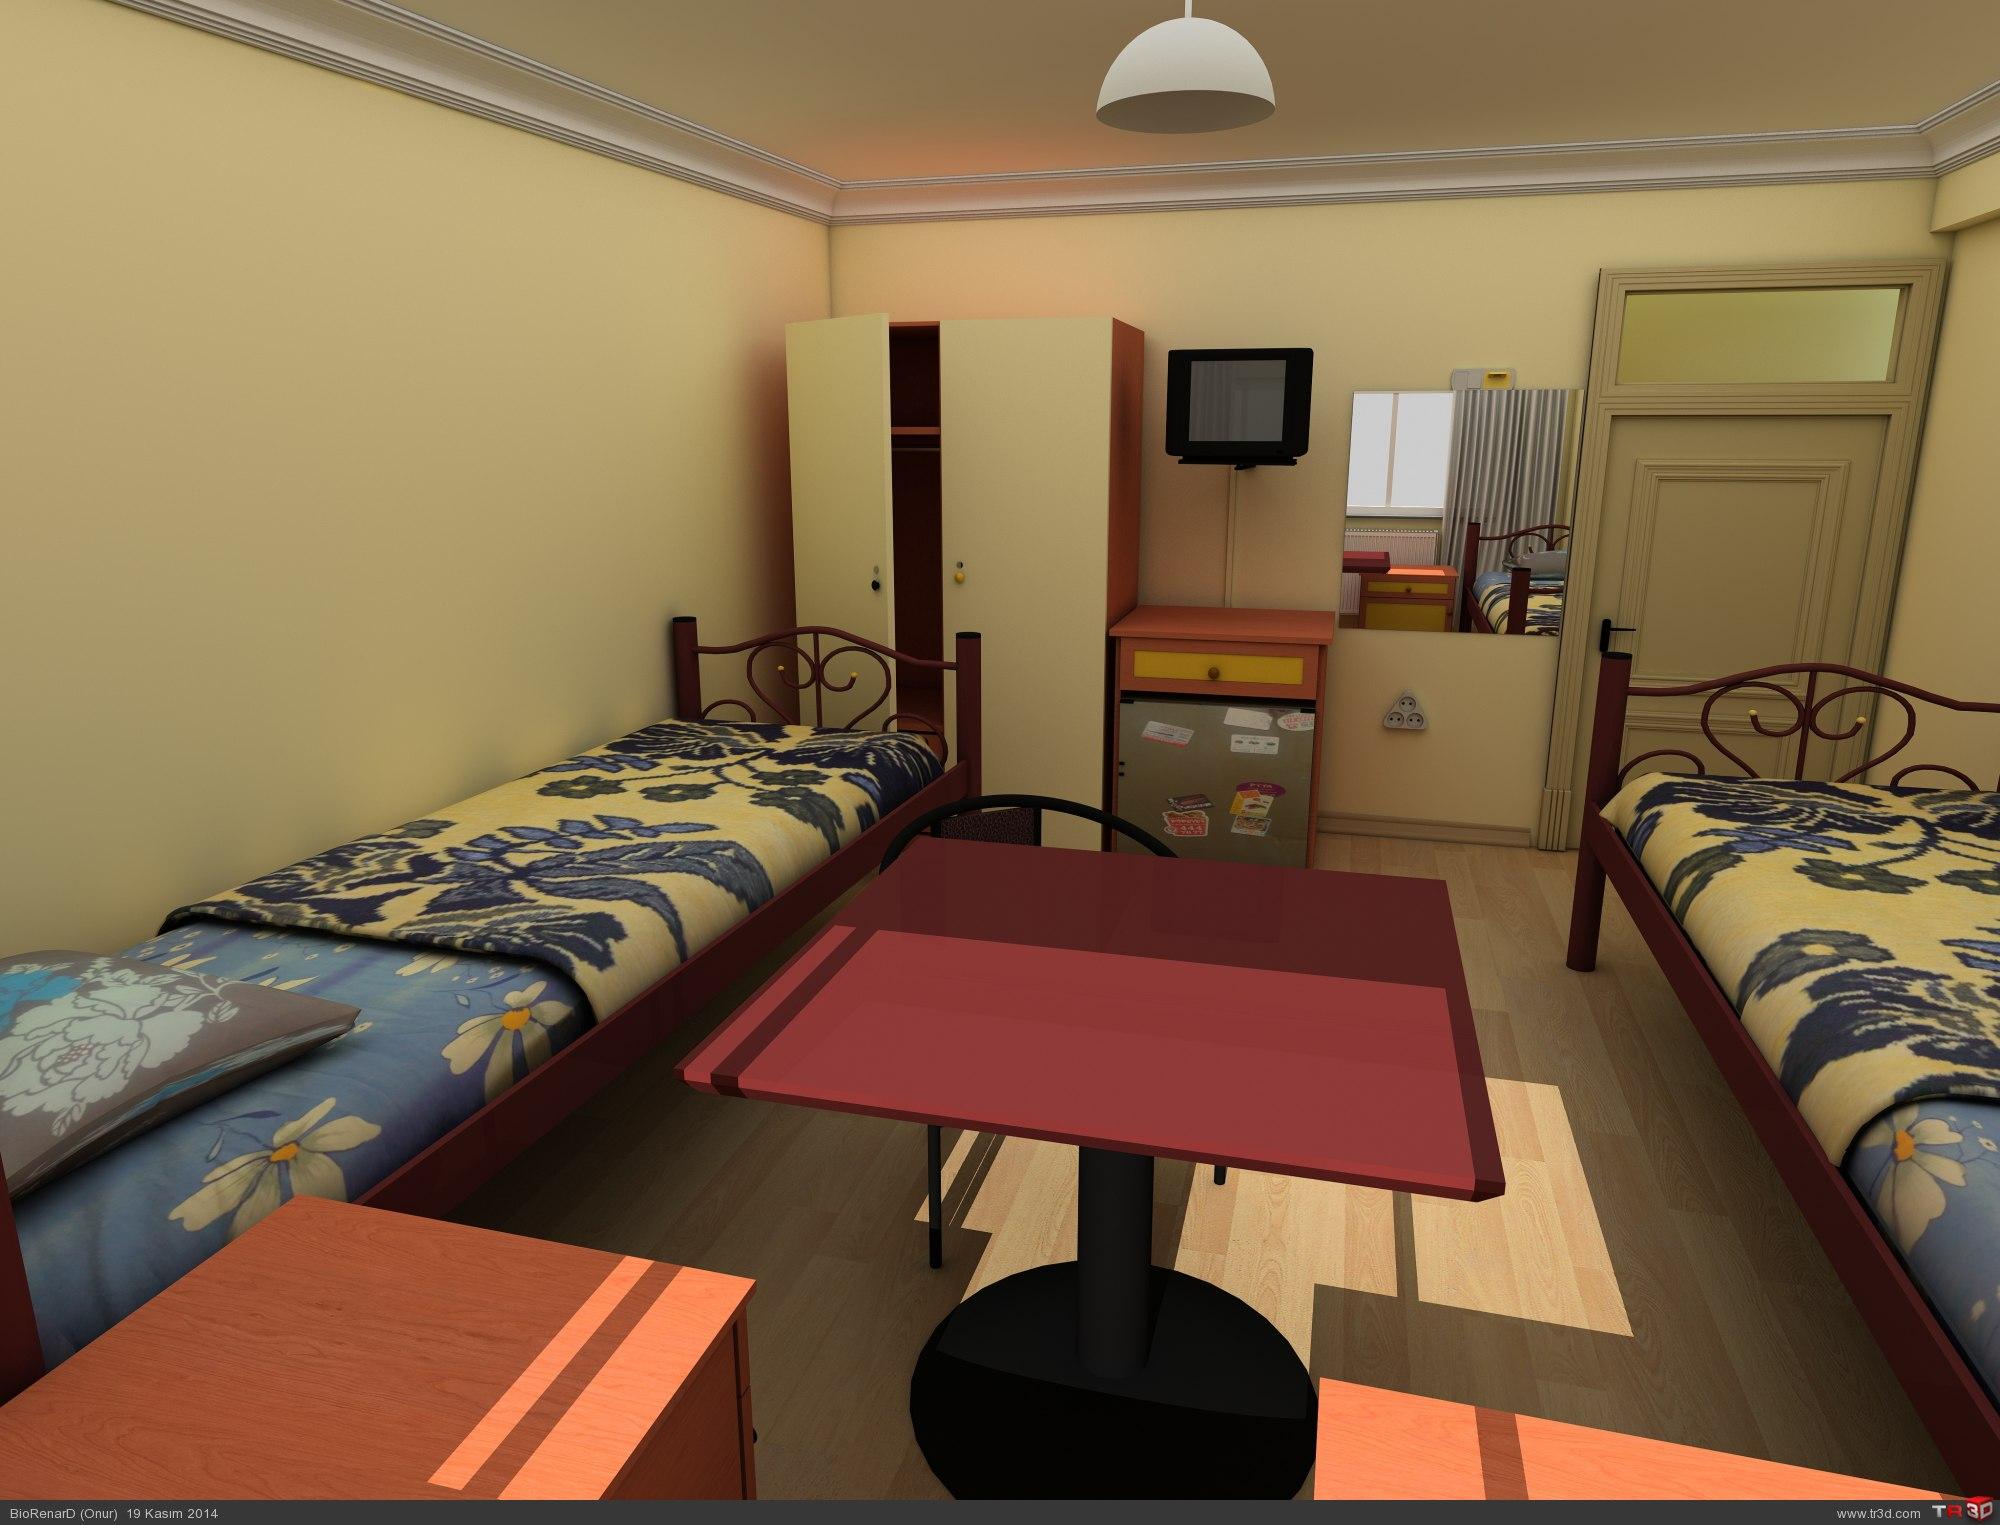 Kaldığım yurdun odası